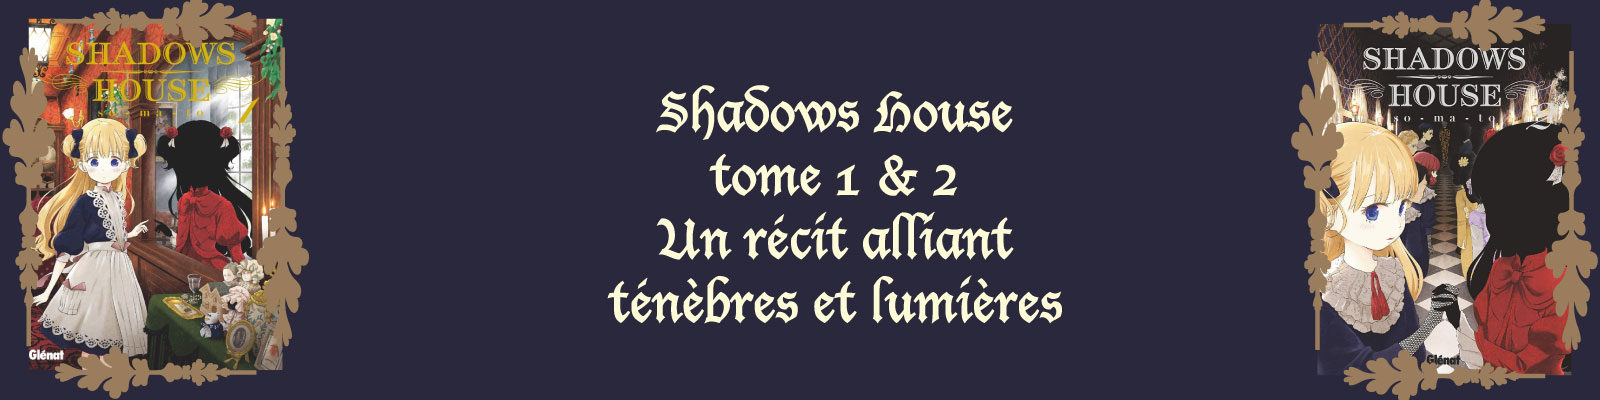 Shadows House